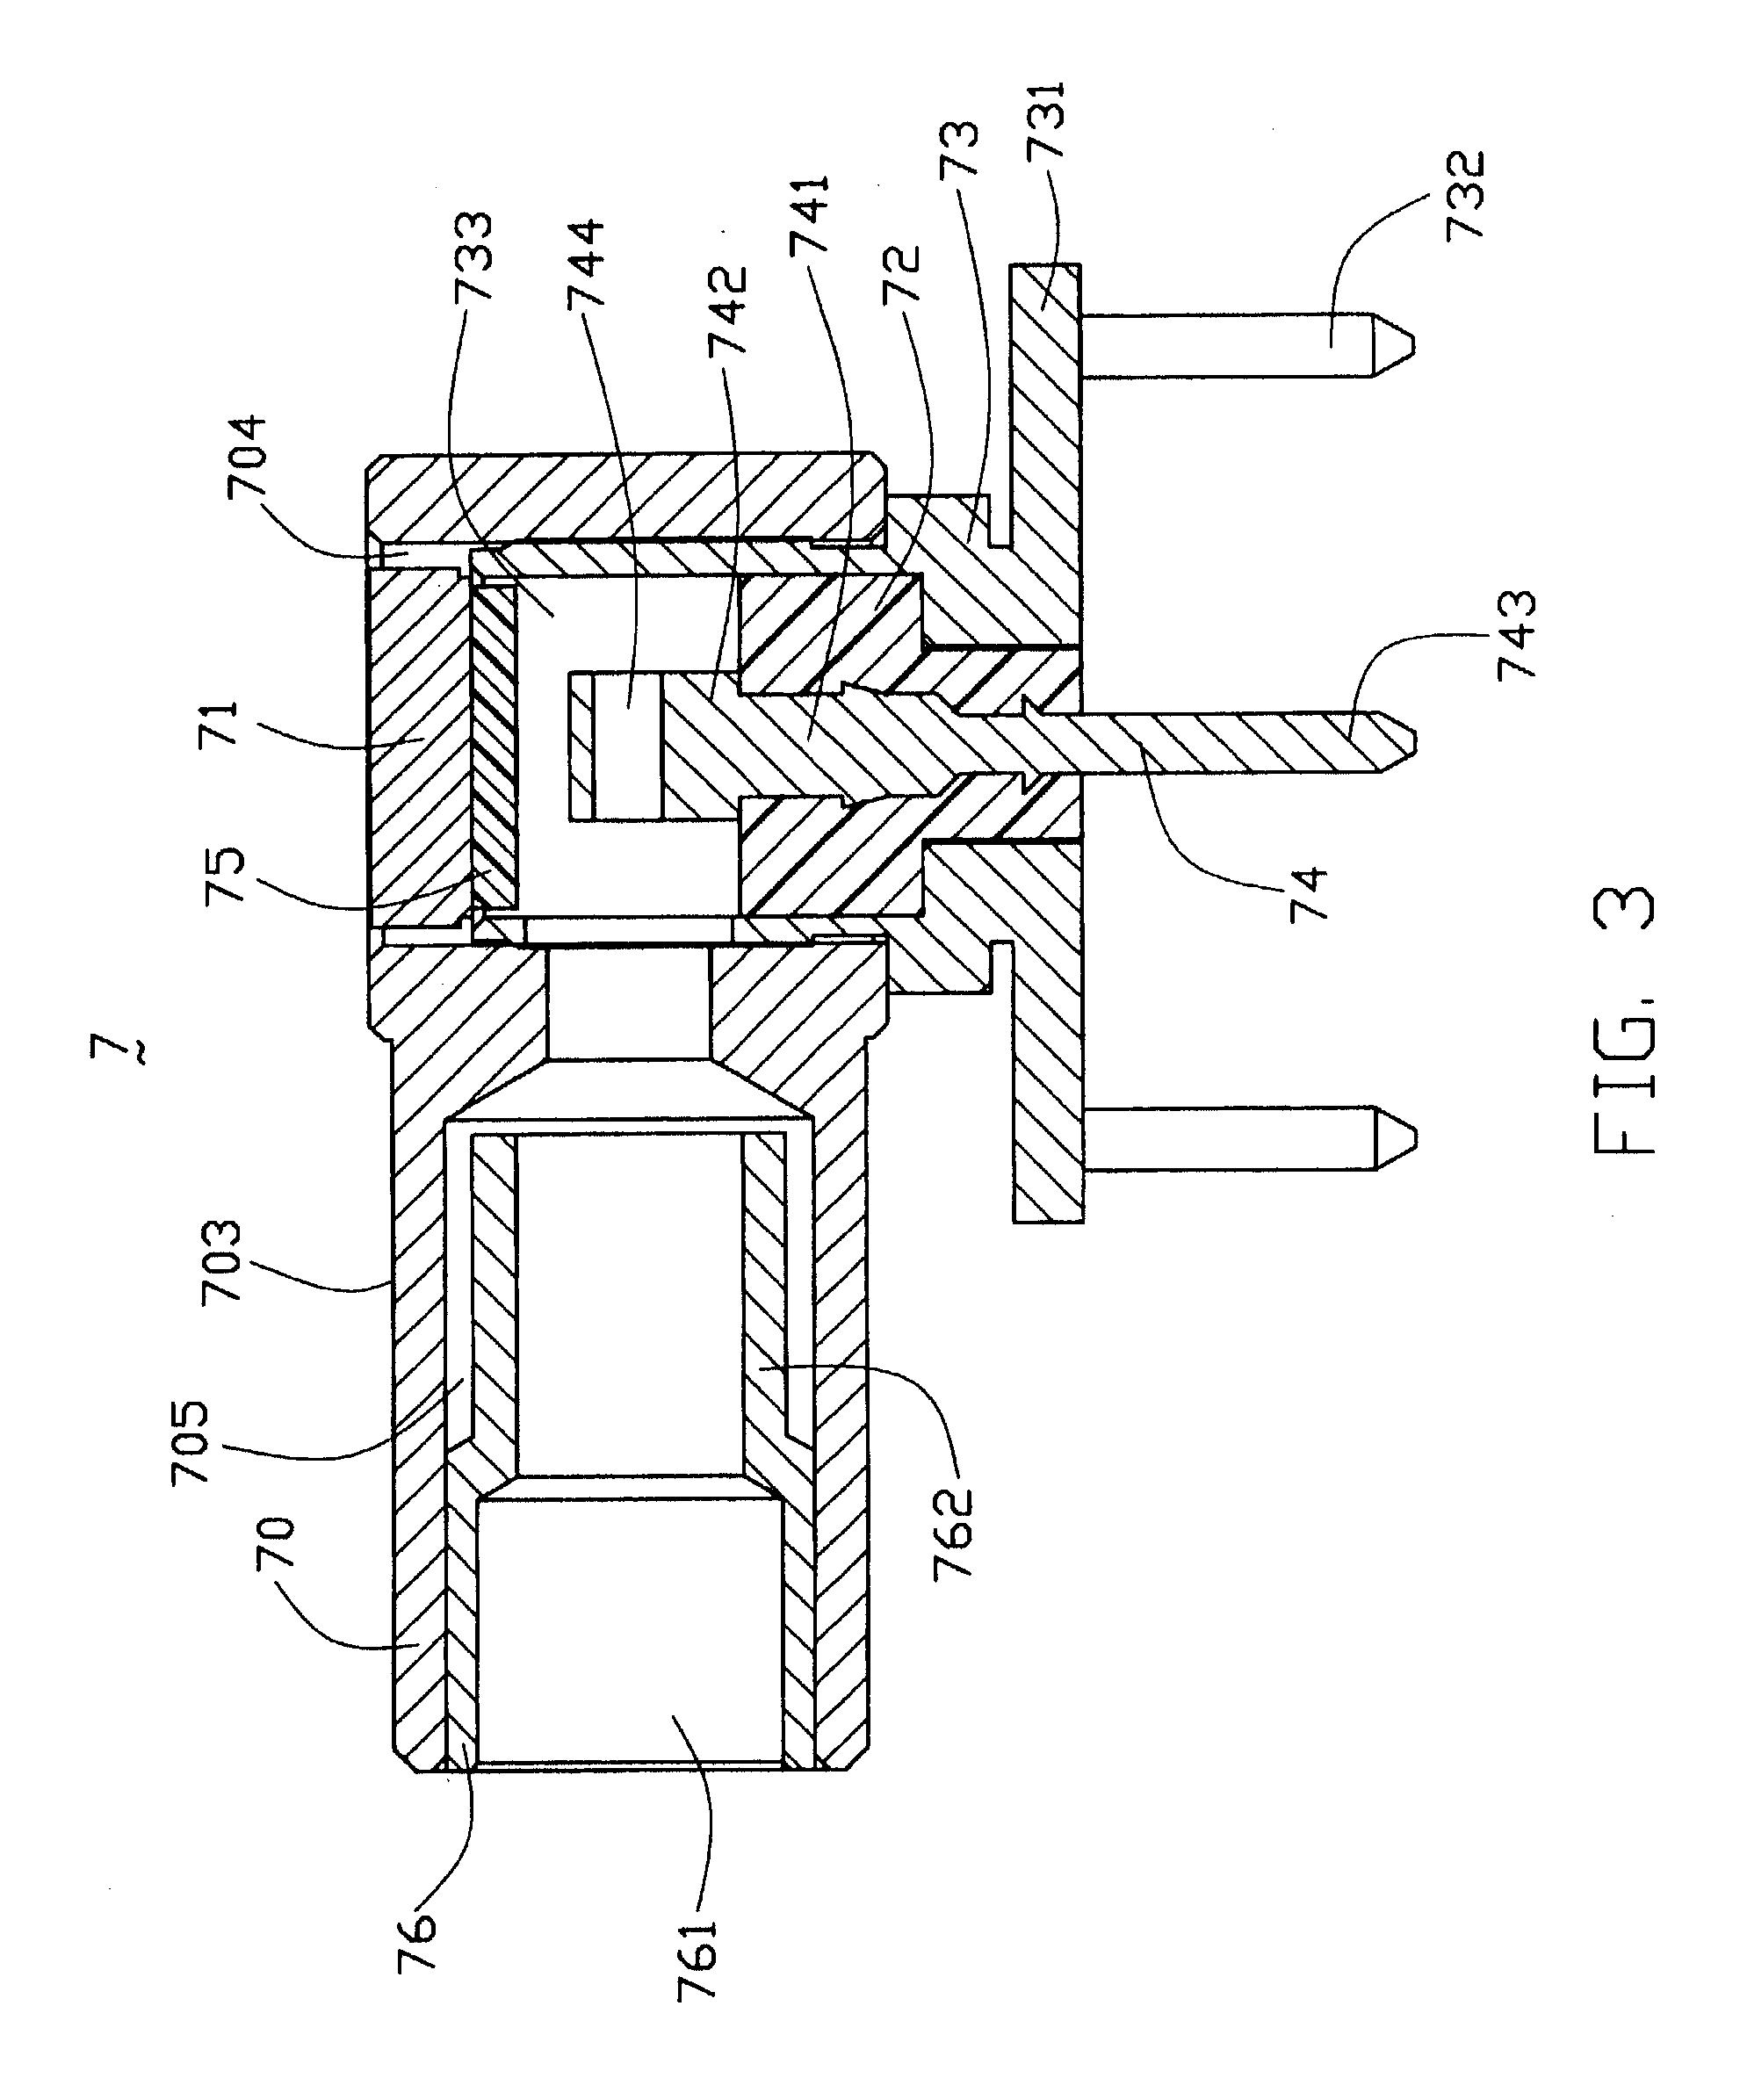 patent us20040106304